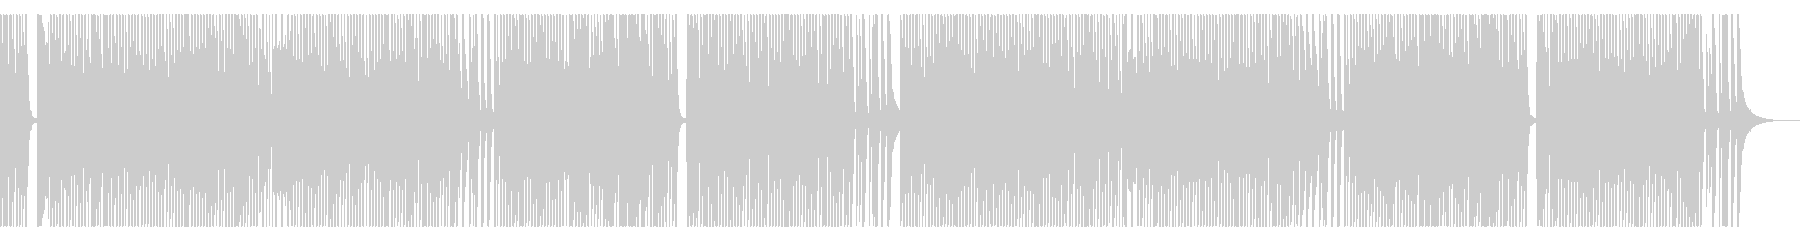 キッズ用に最適 ほのぼの軽快NHK風の未再生の波形